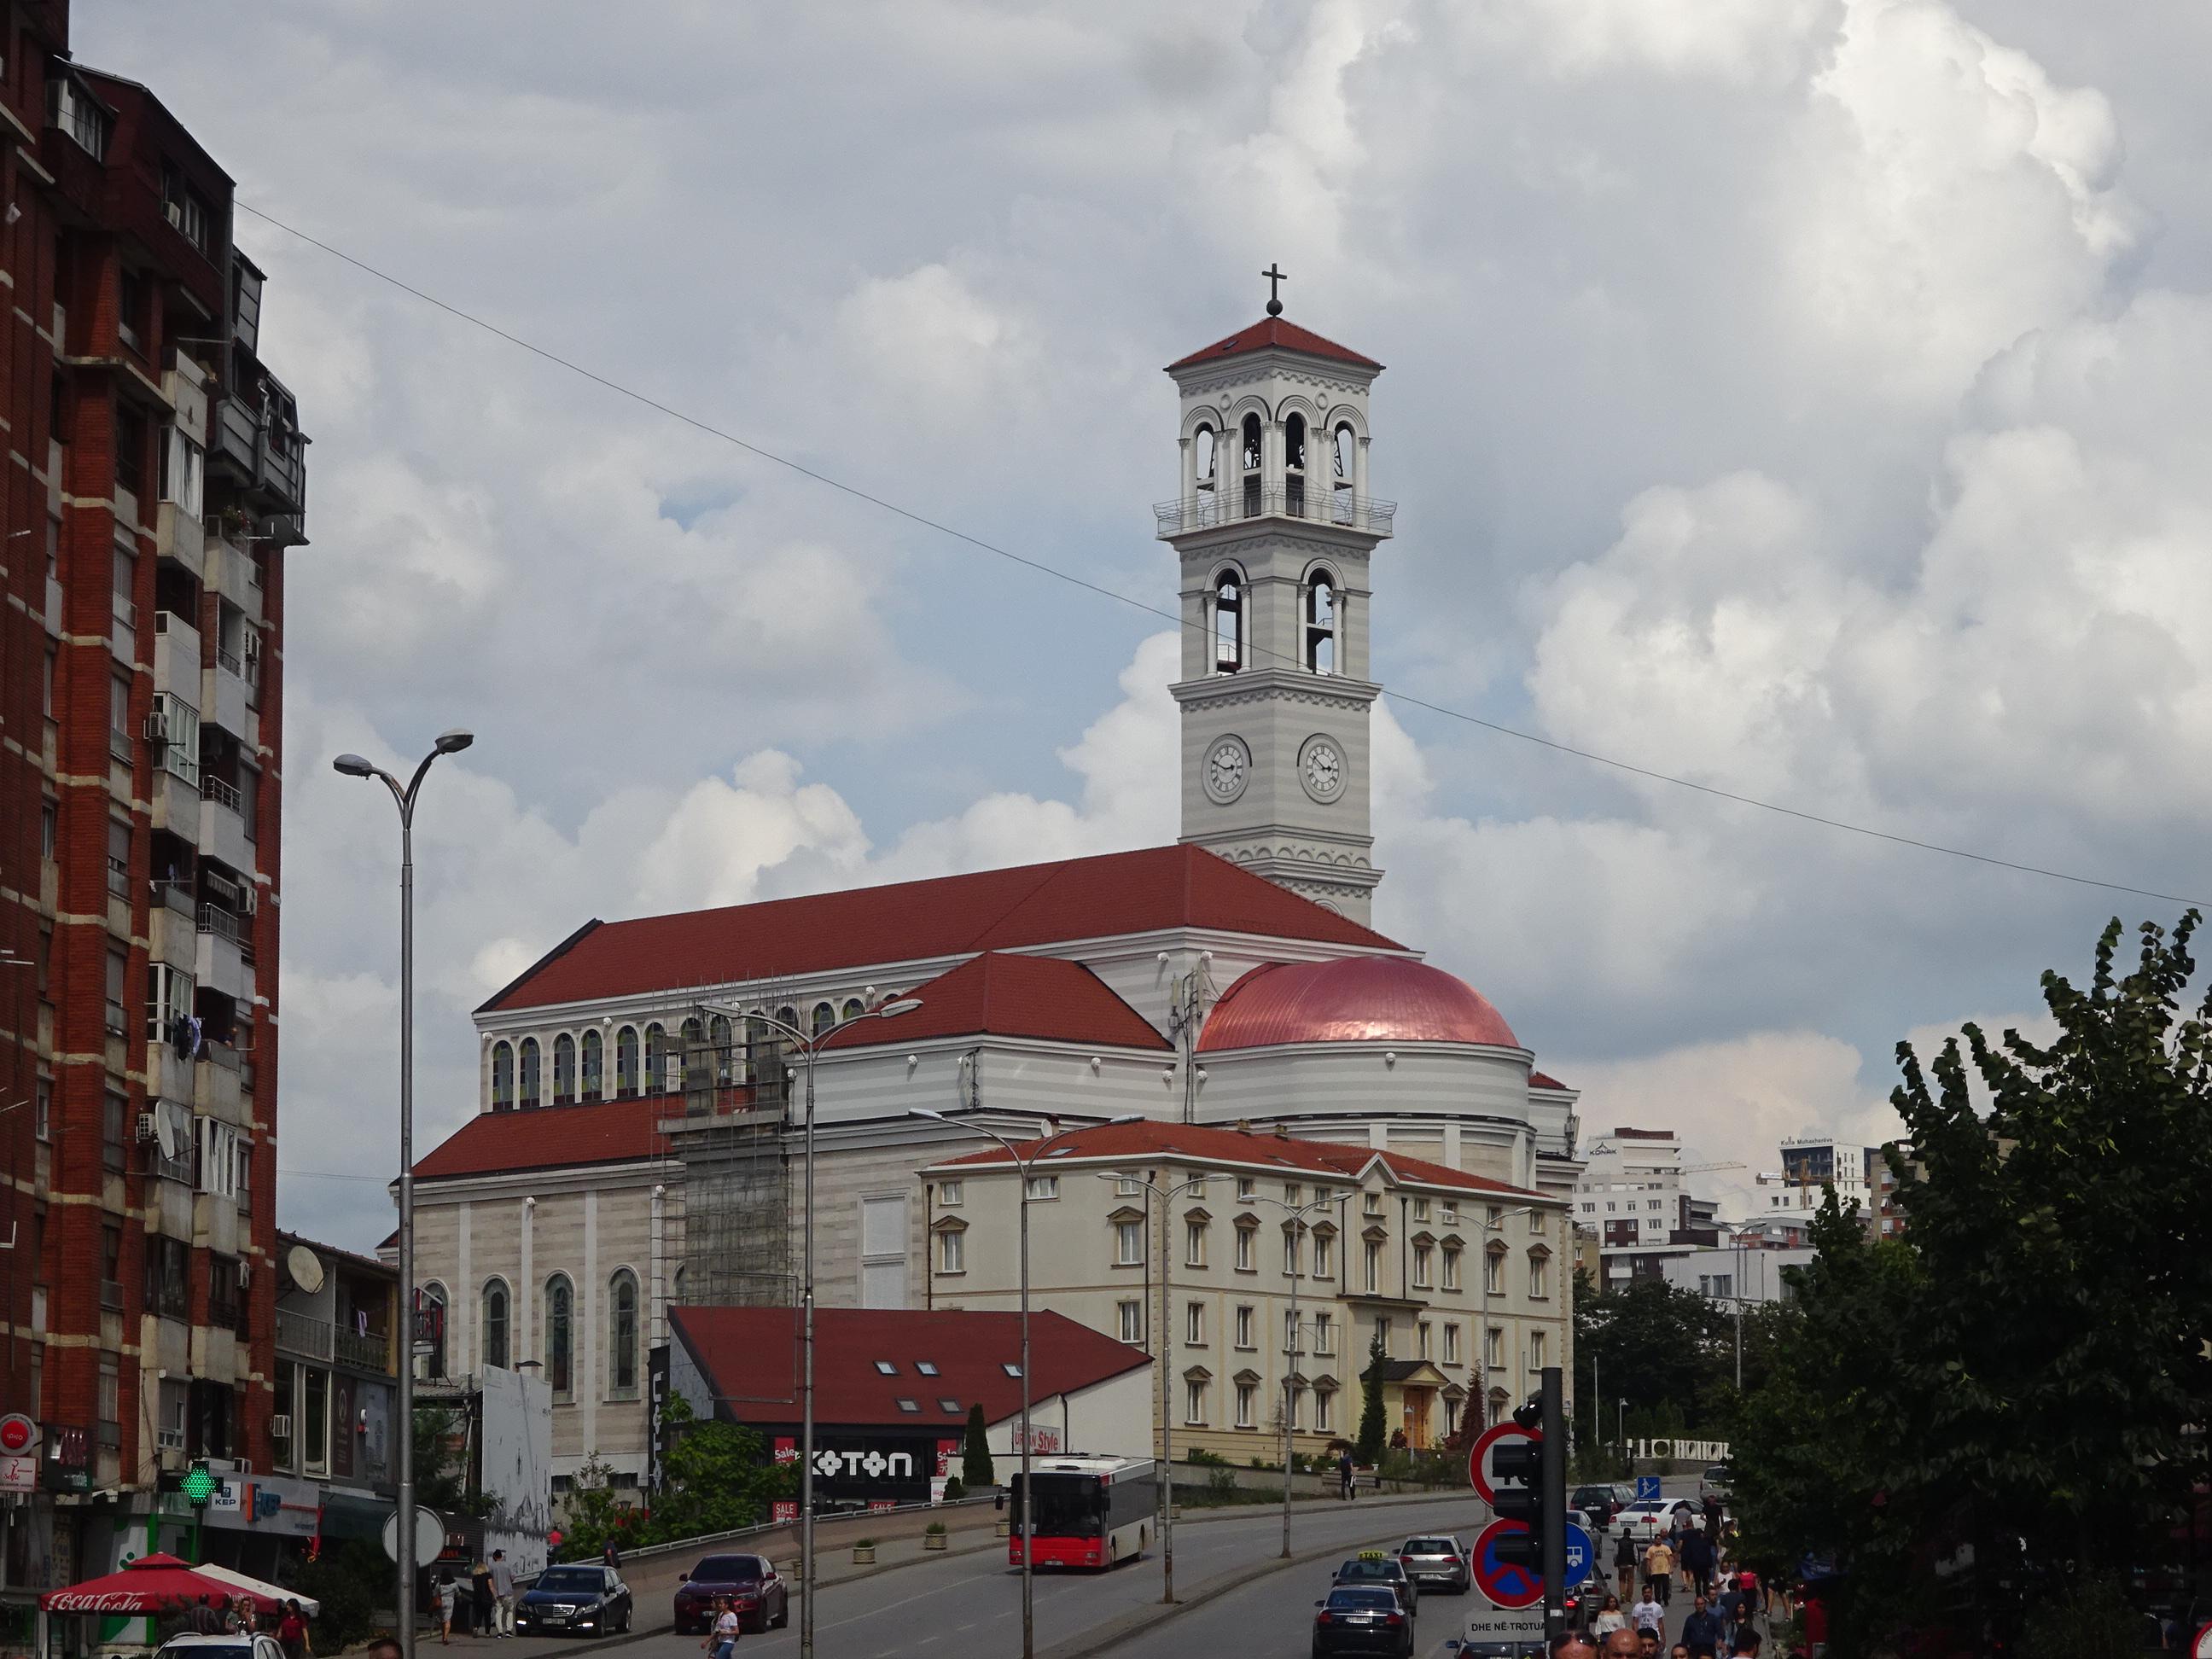 コソボの首都プリシュティナ観光スポット「マザーテレサ大聖堂」